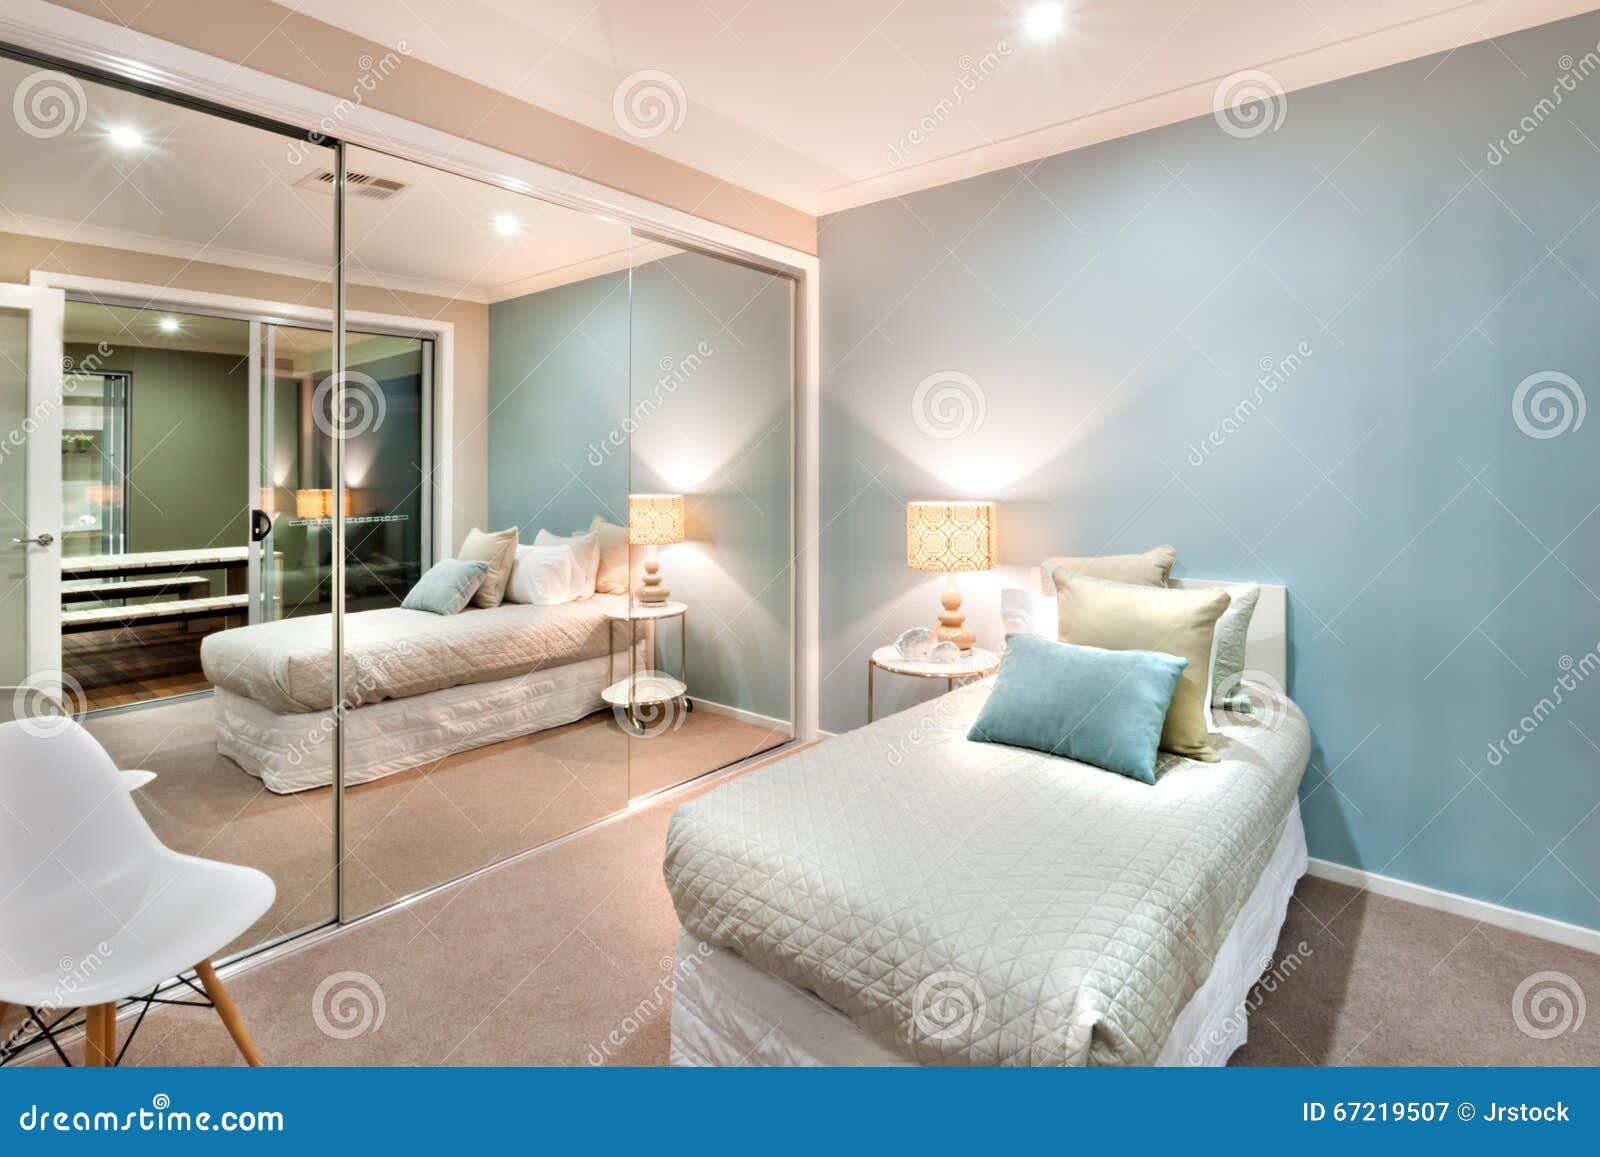 petite chambre coucher avec des oreillers sur du lit. Black Bedroom Furniture Sets. Home Design Ideas